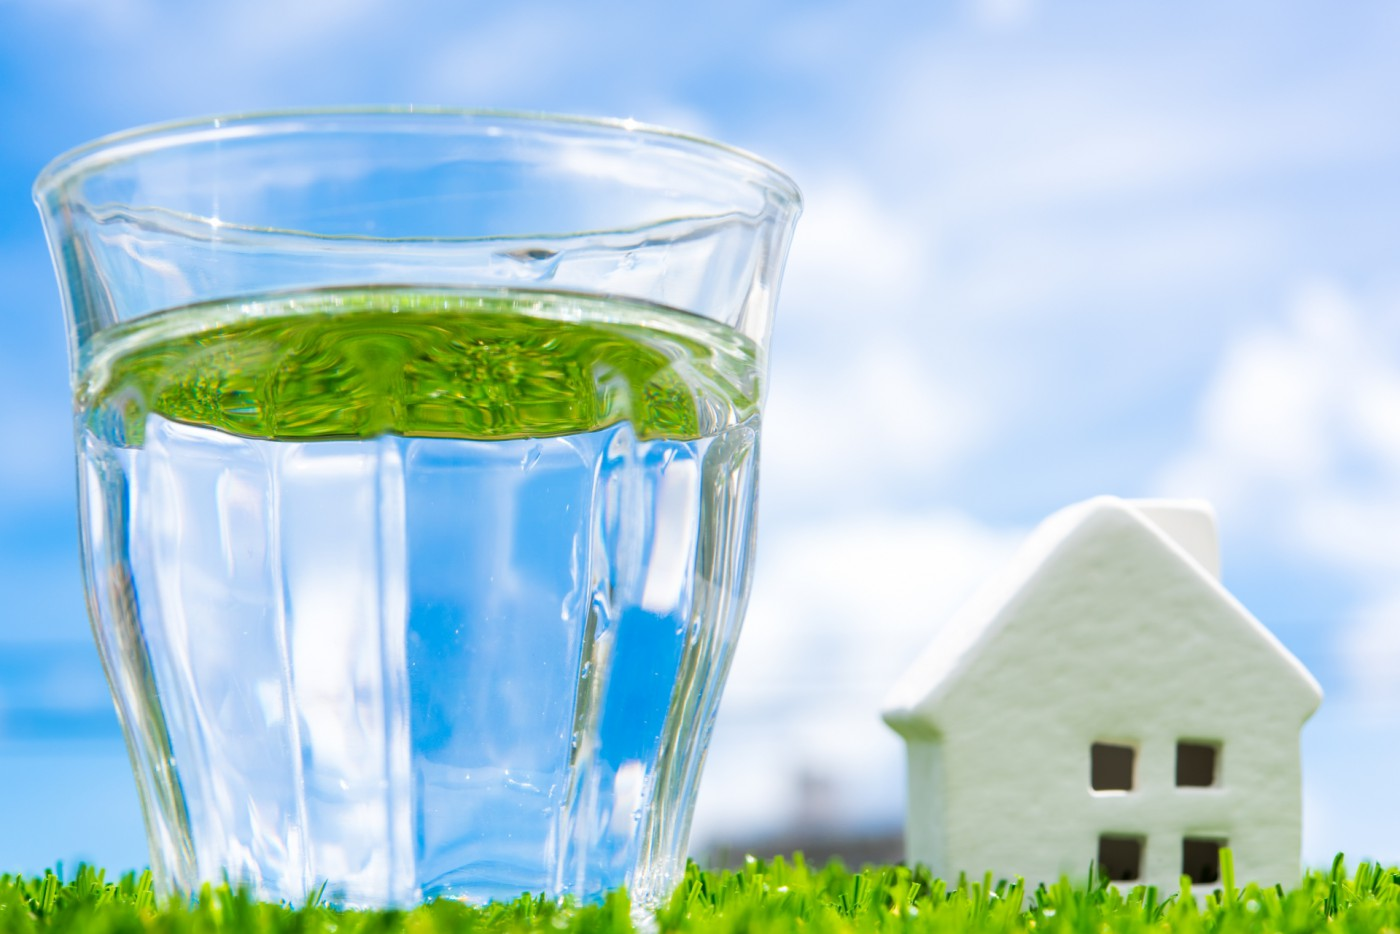 【節水が気になる主婦の方は必見】驚くほど水道代がお得に!?節水トイレの水道光熱費の違いを大公開!